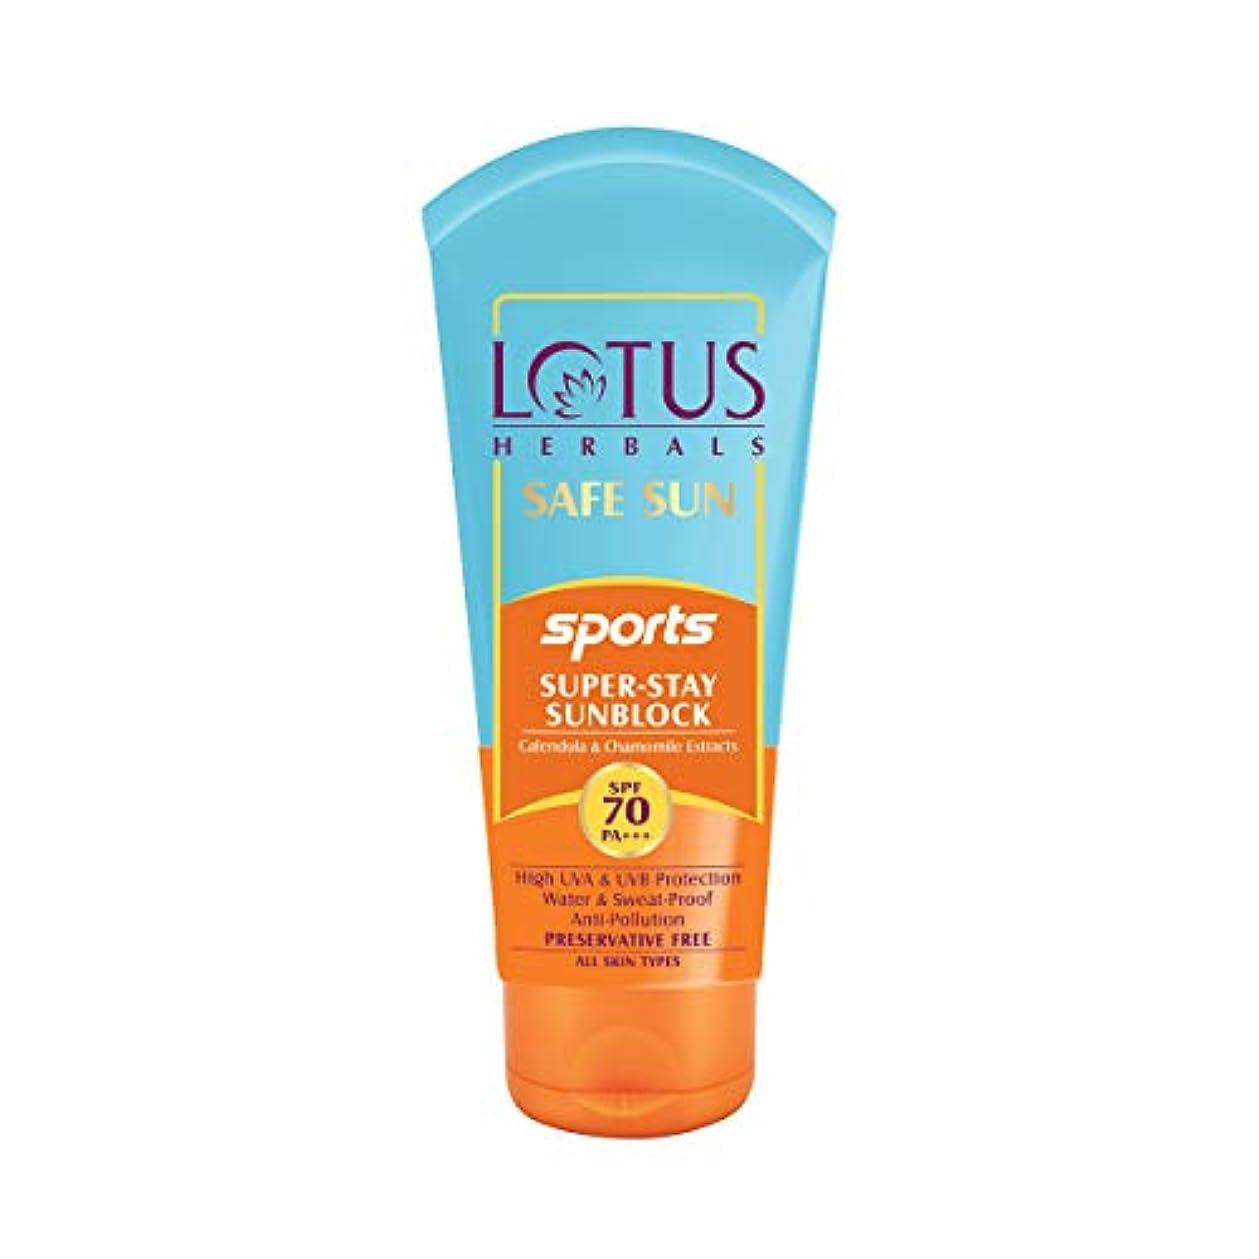 消費する剪断参照するLotus Herbals Safe Sun Sports Super-Stay Sunblock Spf 70 Pa+++, 80 g (Calendula and chamomile extracts)